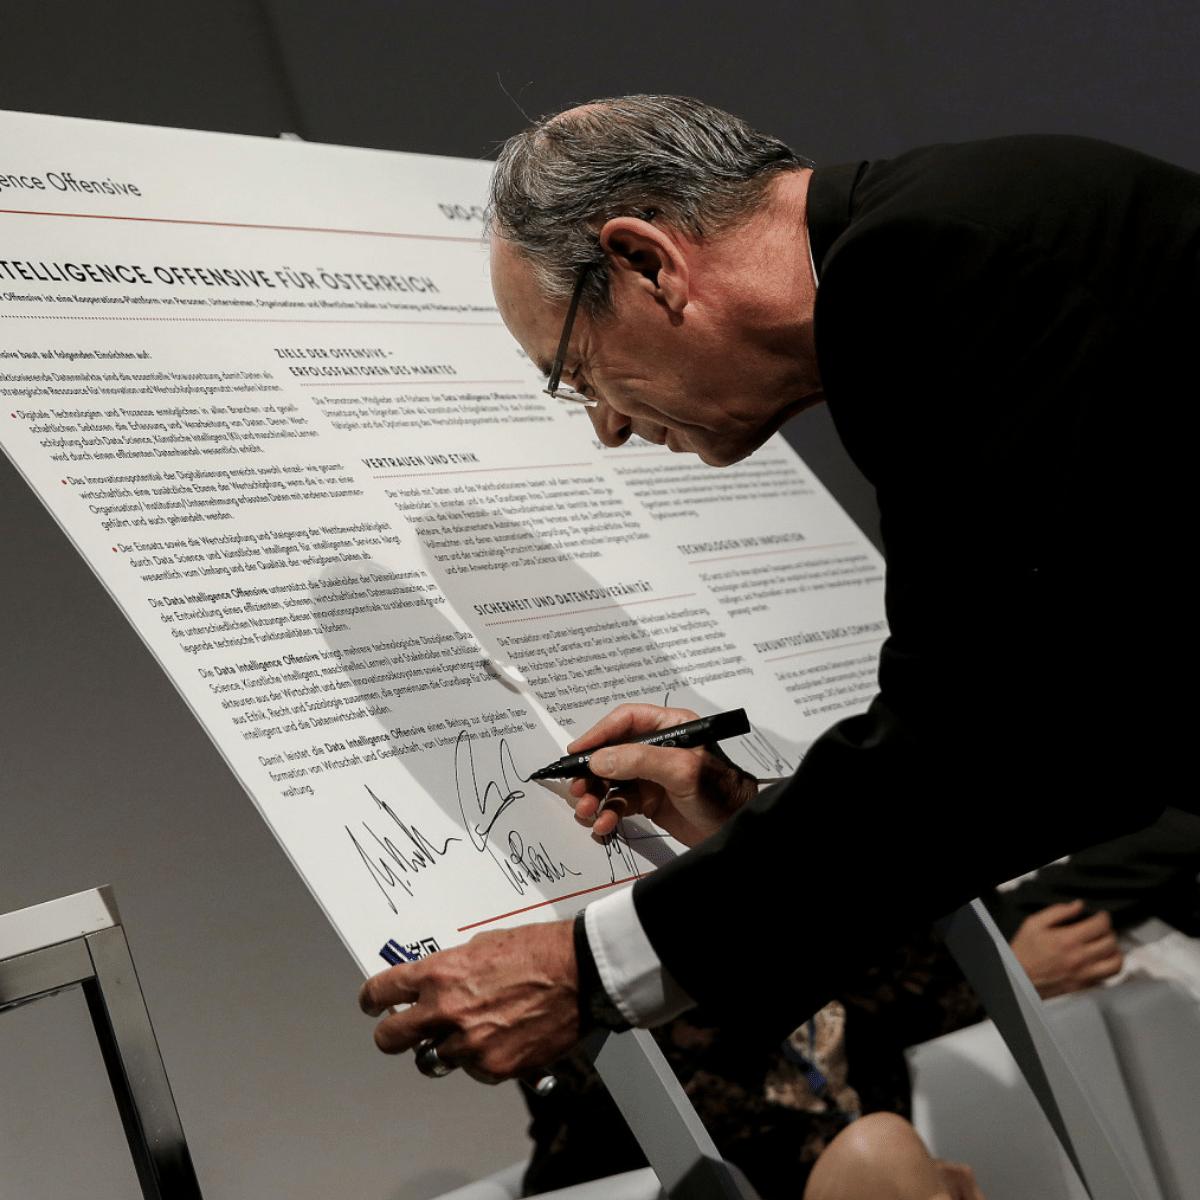 Charta Unterzeichnung durch Prof. Peter A. Bruck